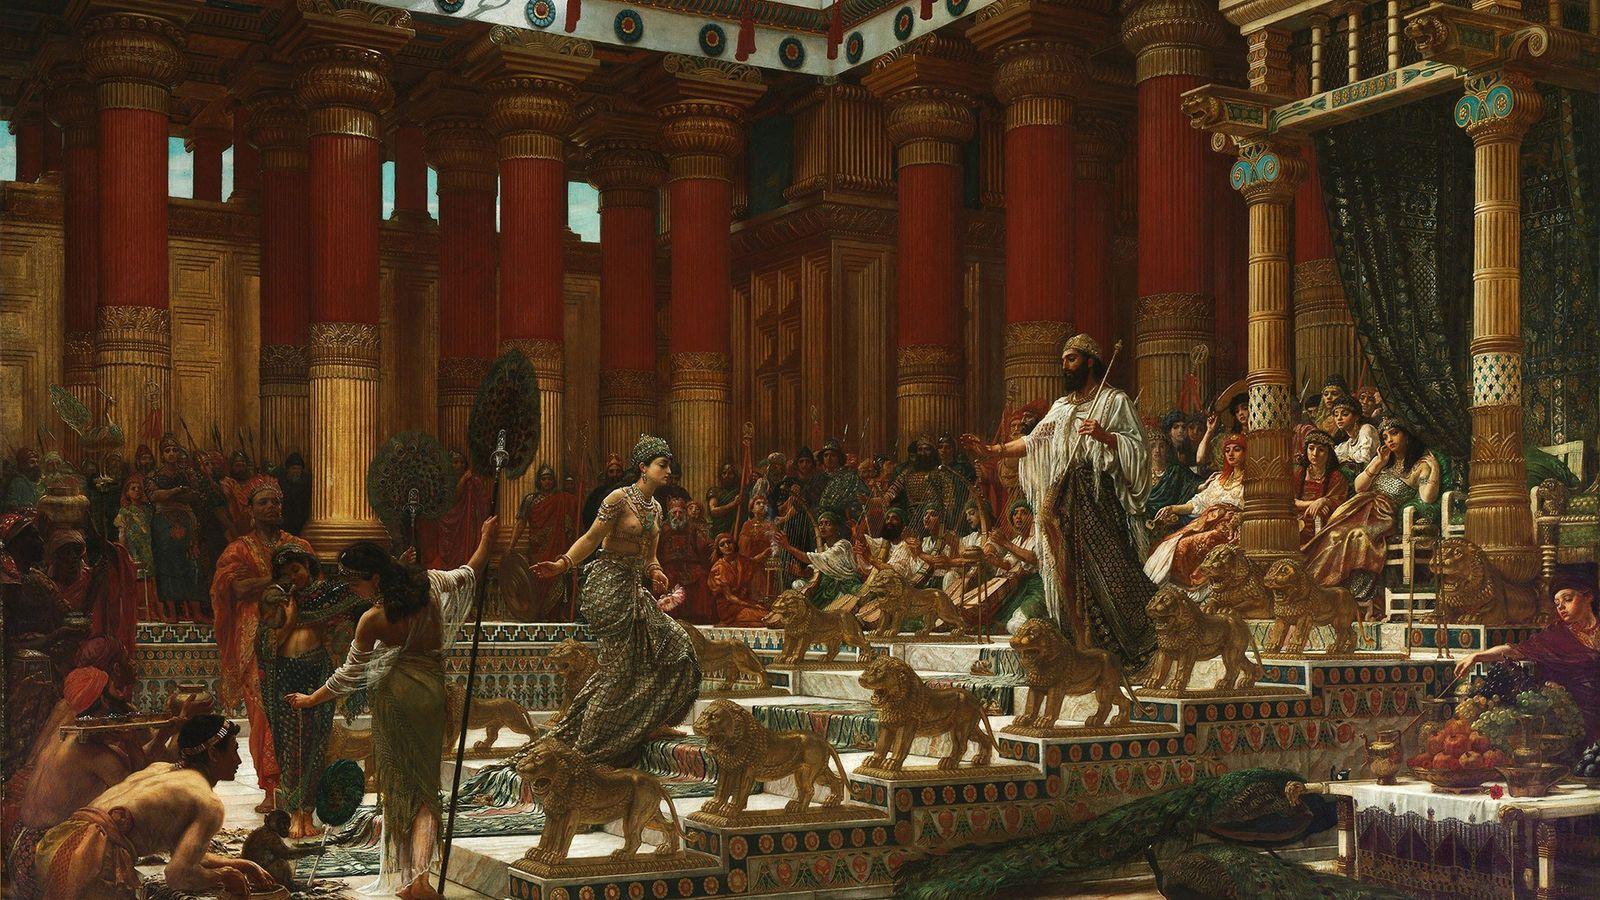 La reine de Saba rend visite à l'opulente cour du roi Salomon dans cette scène imaginée ...